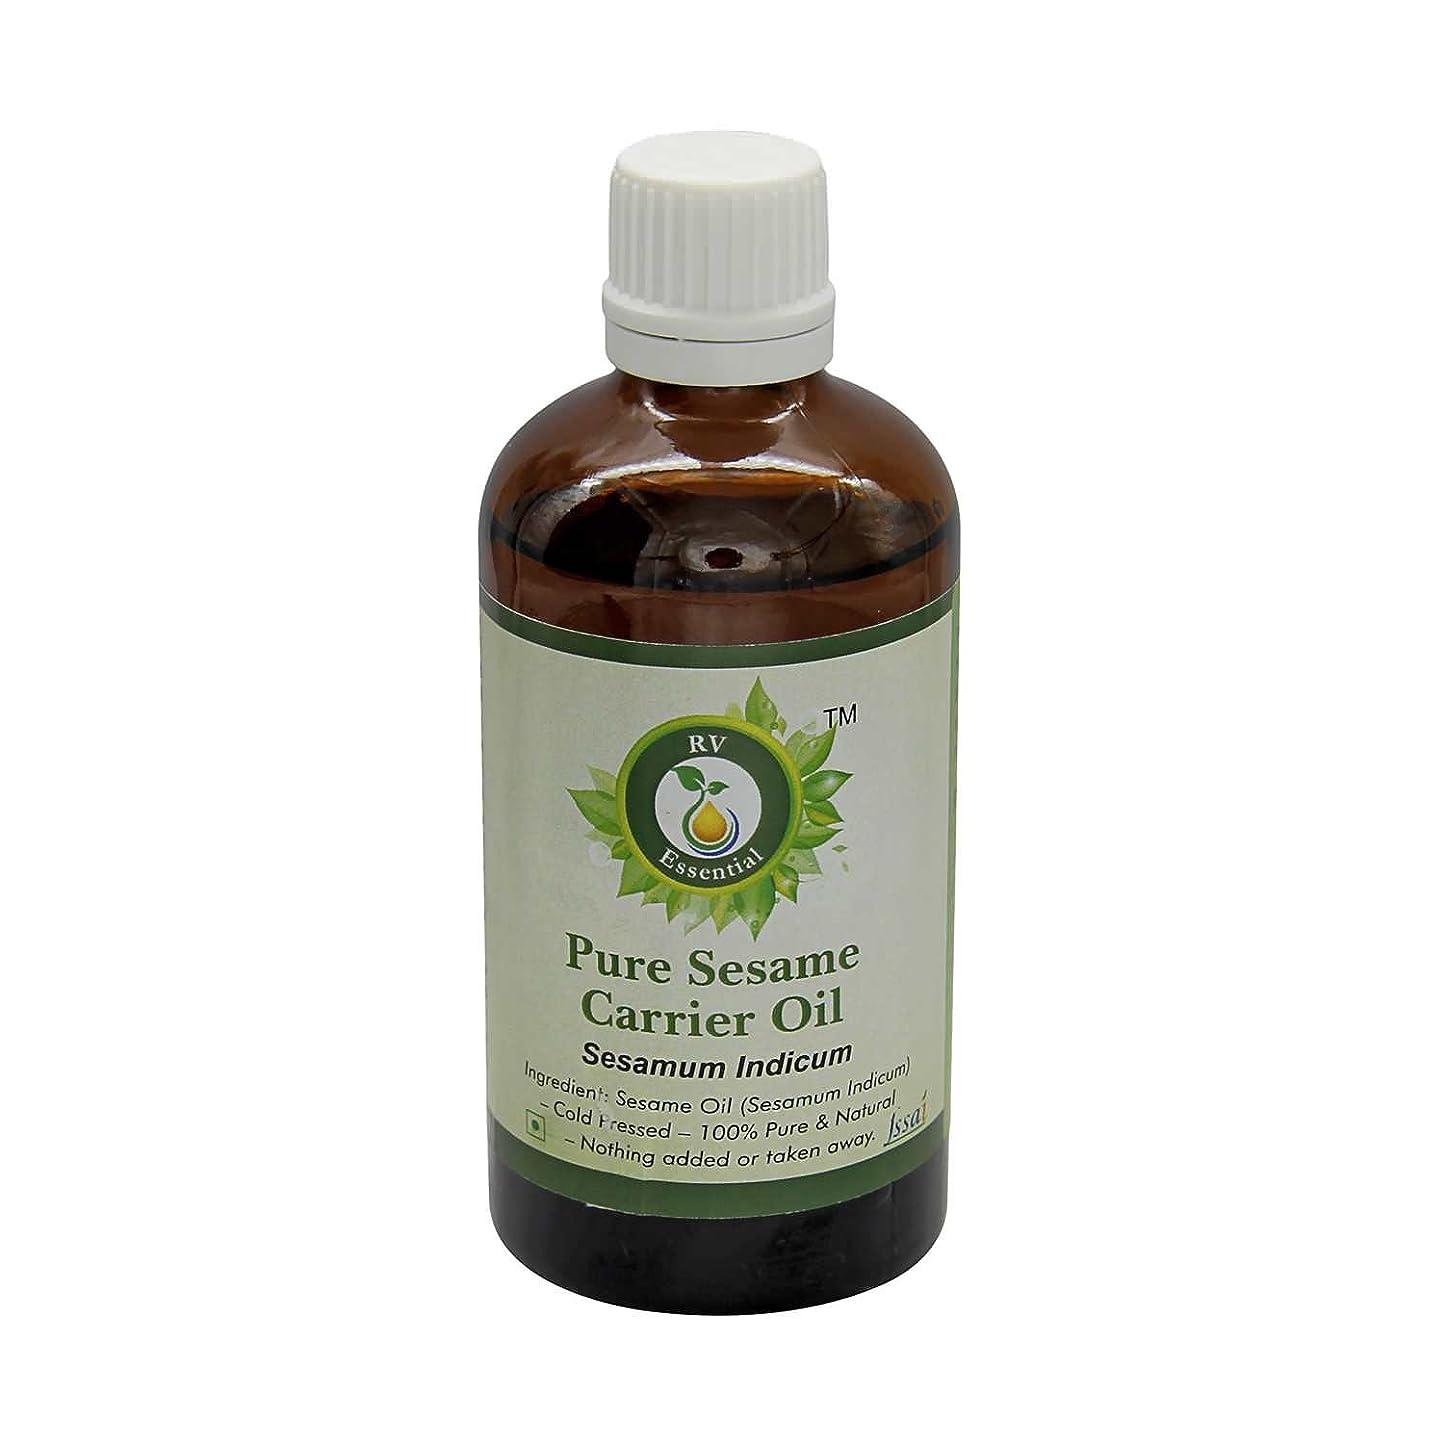 便利適格散らすR V Essential 純粋なごま油15ml (0.507oz)- Sesamum Indicum (100%ピュア&ナチュラルコールドPressed) Pure Sesame Carrier Oil